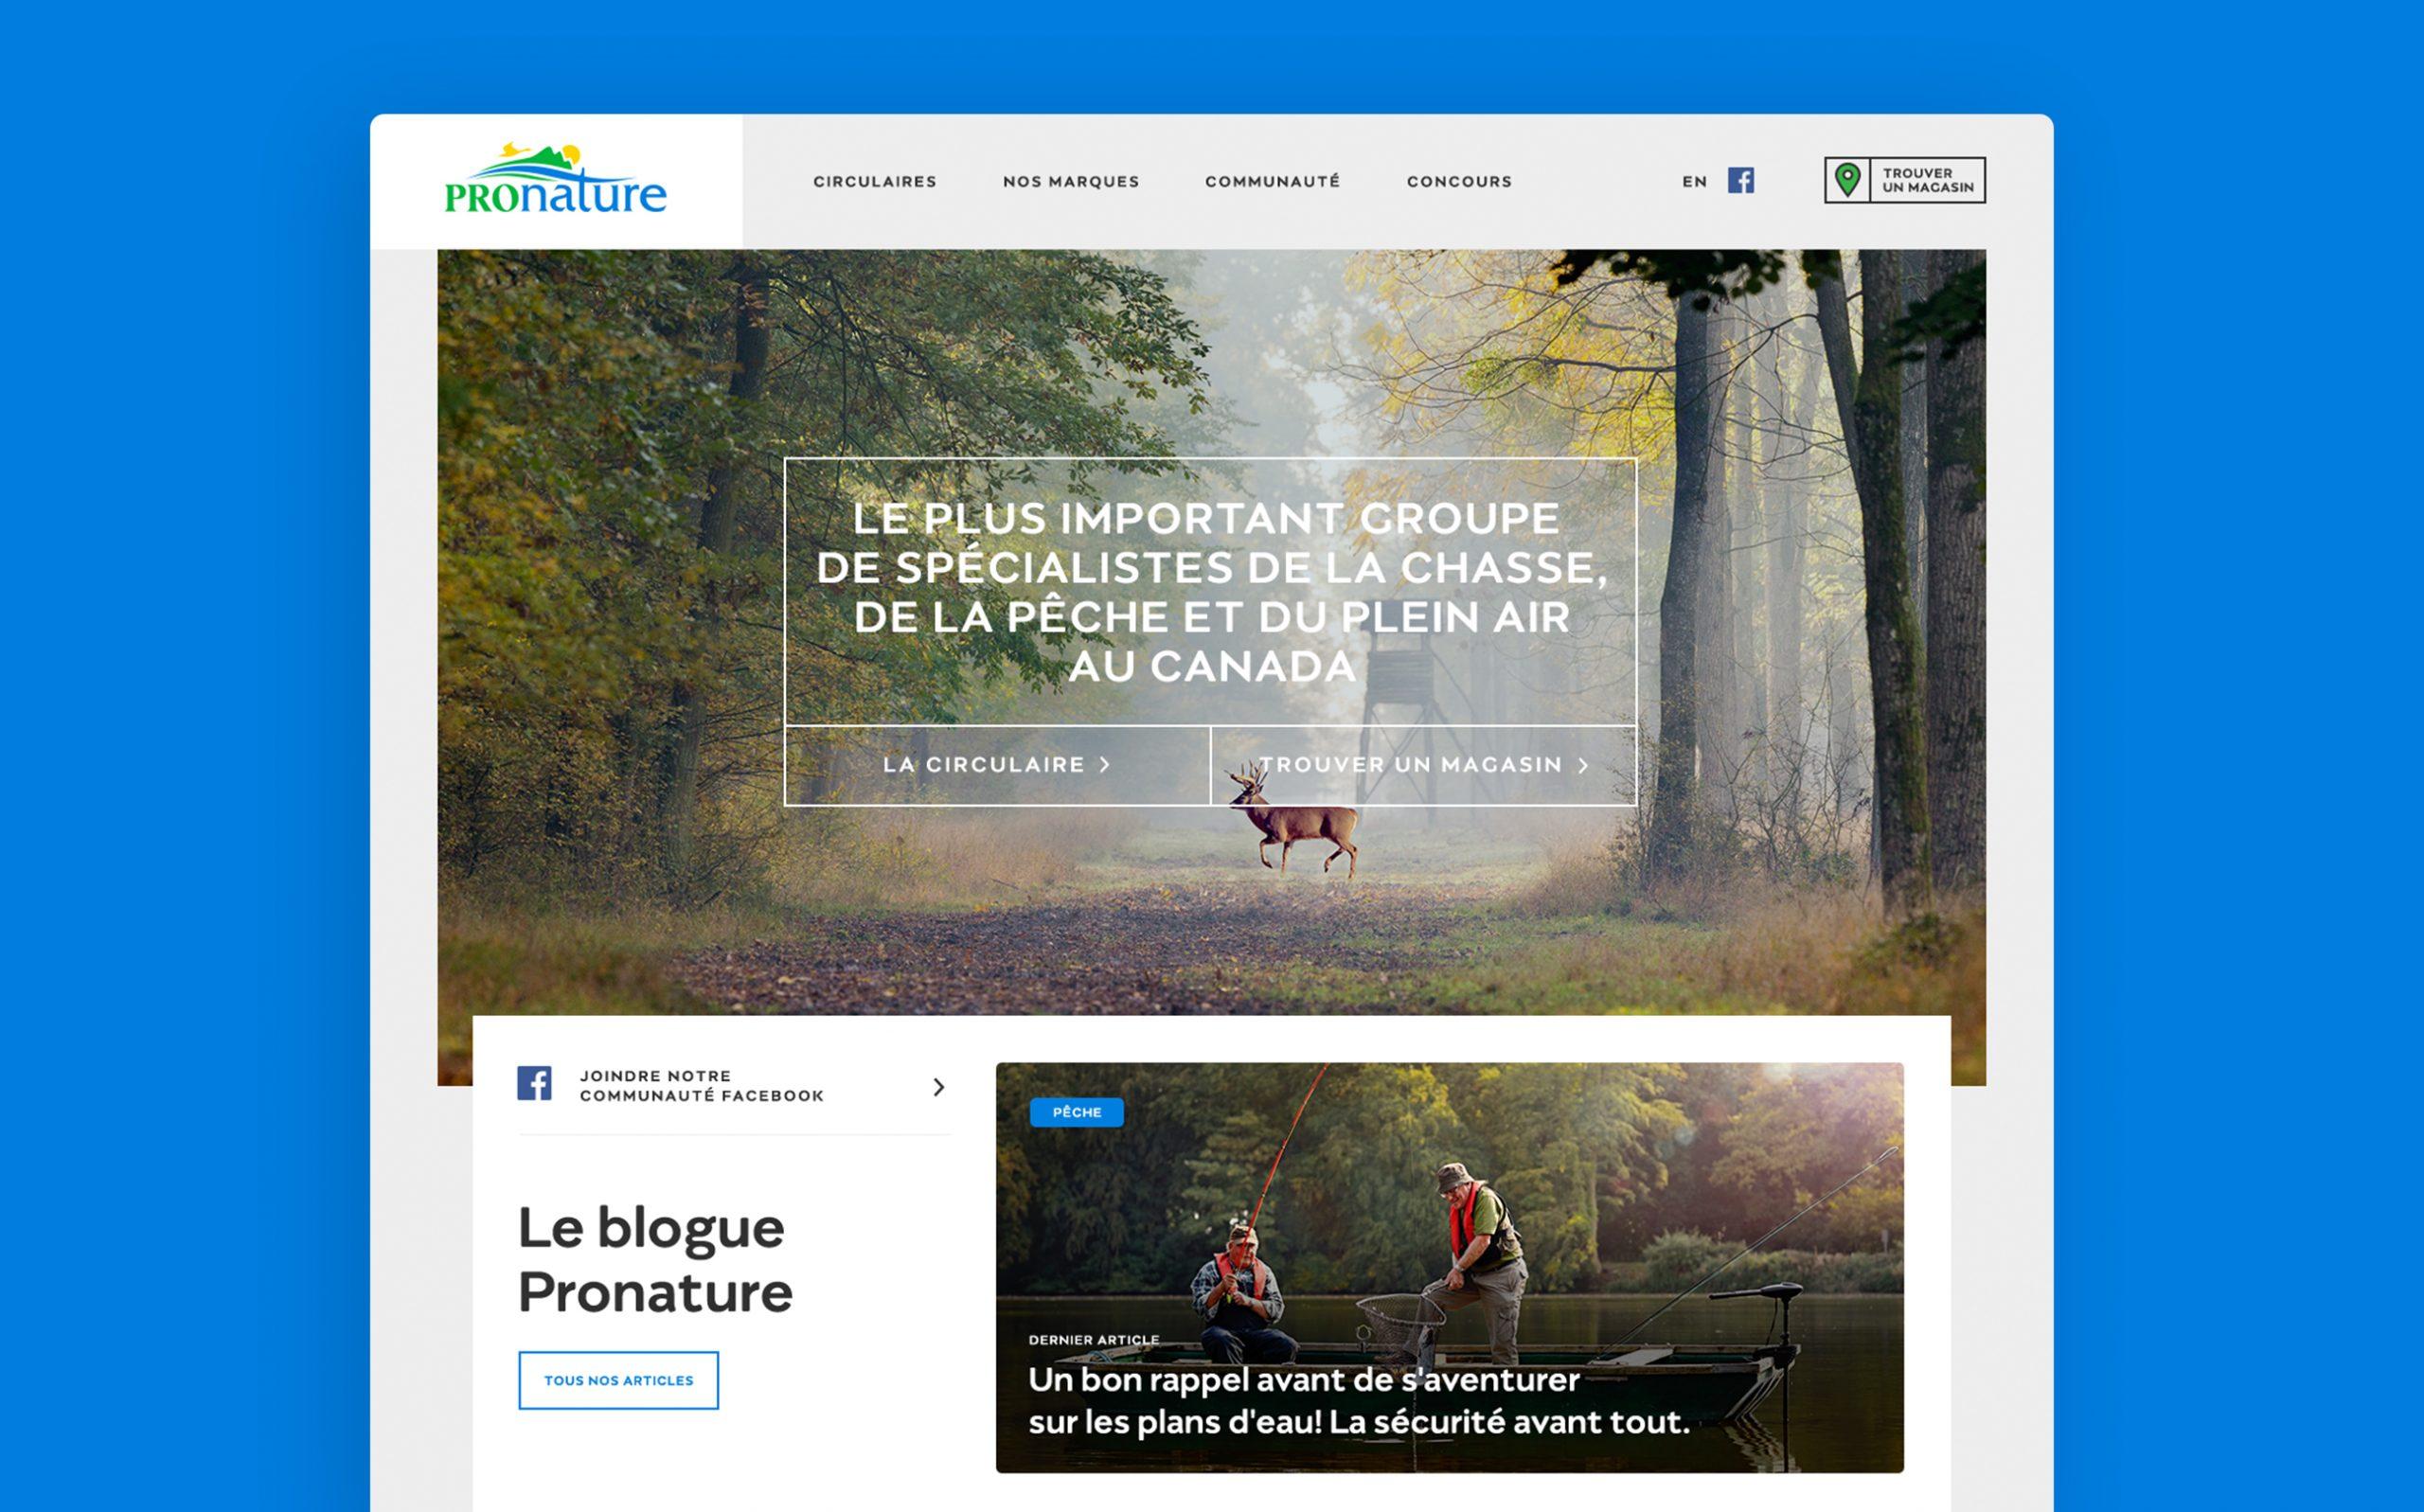 Turbulences-projet-pronature-site-web-accueil-blogue